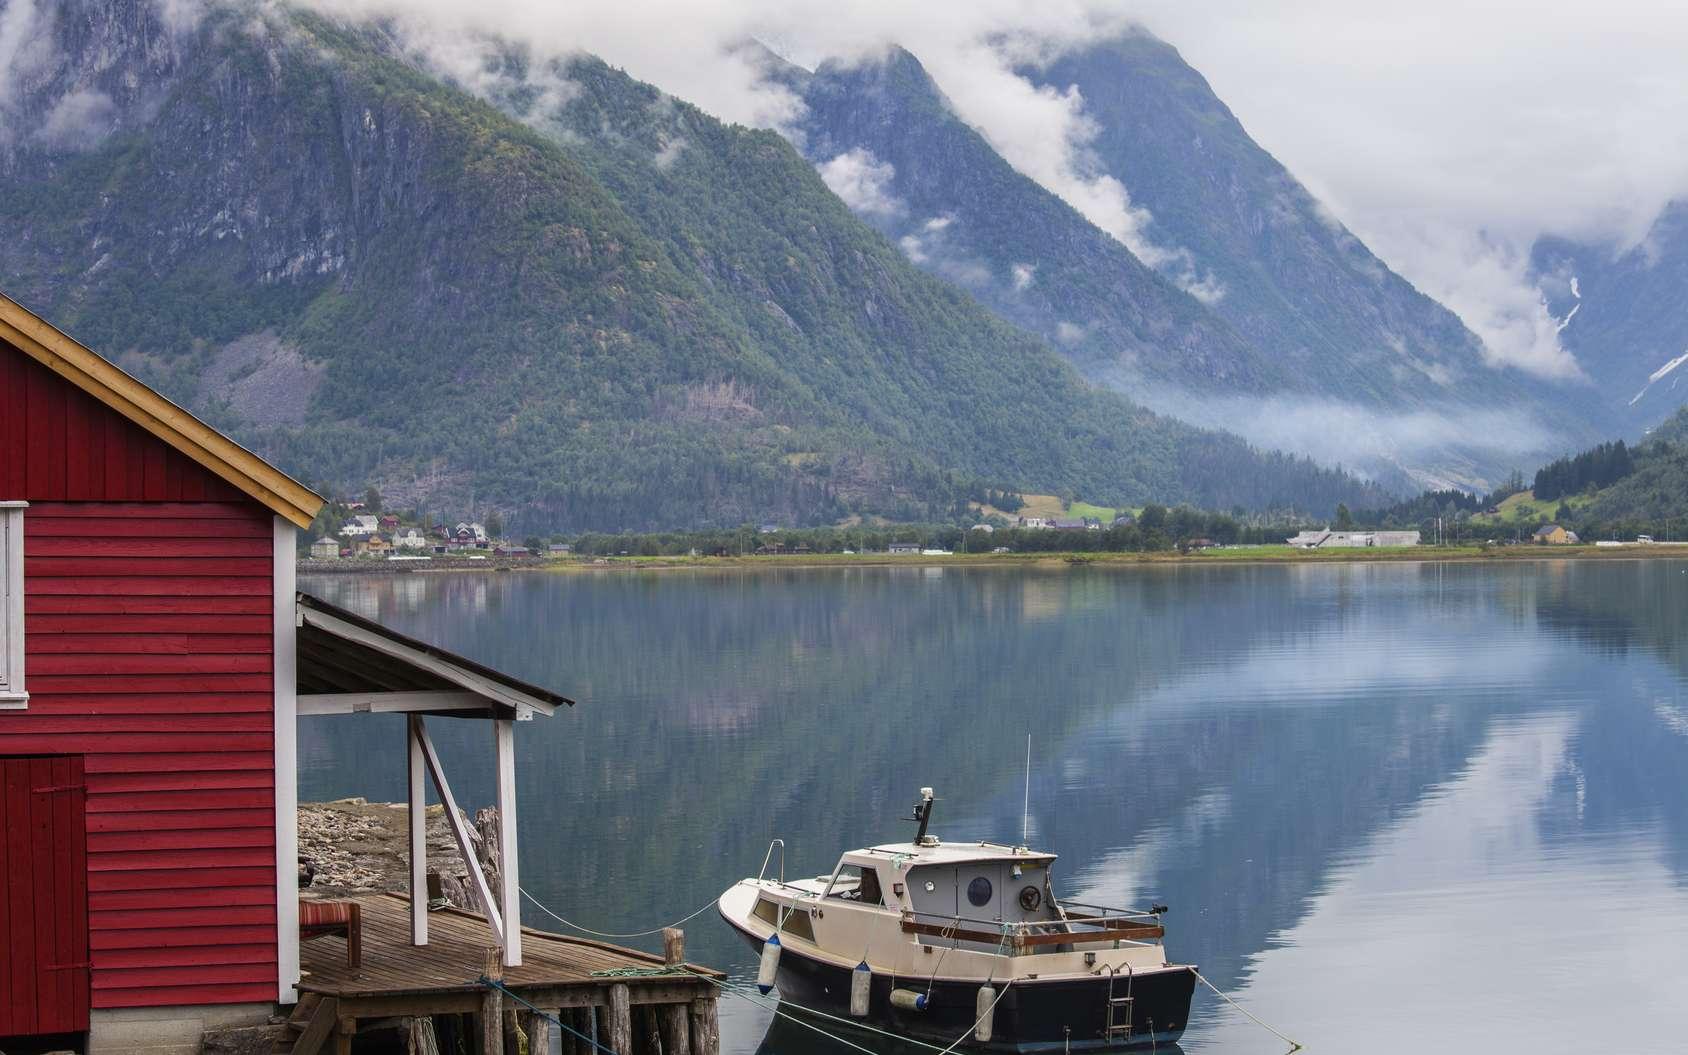 Les fjords de Norvège découpent la côte rocheuse en multiples chenaux. © julienguillot, Fotolia